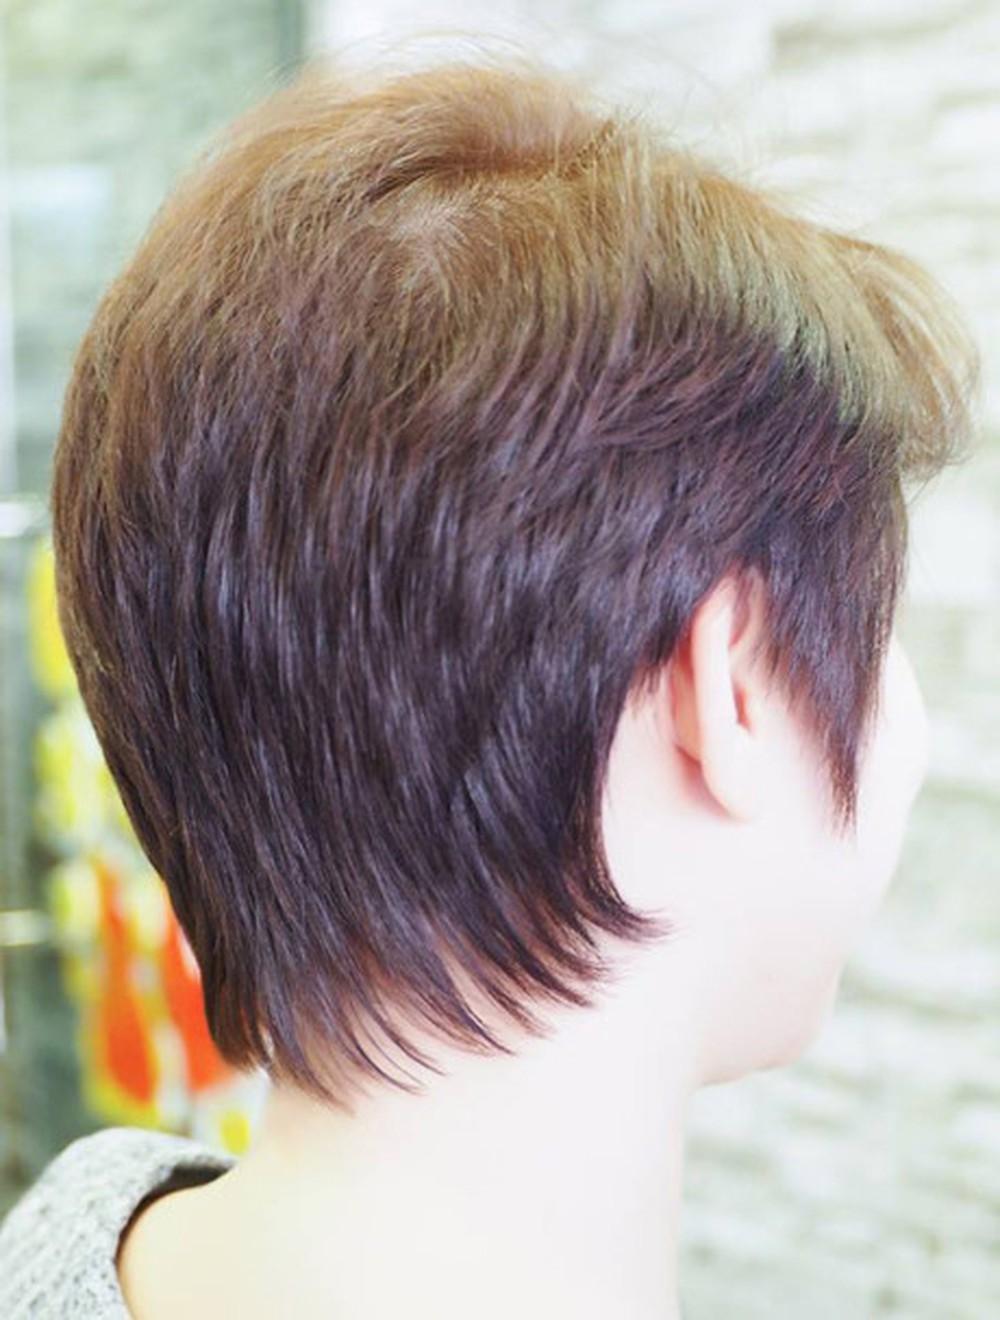 Mẫu tóc tém trẻ trung cá tính đẹp nhất cho nữ